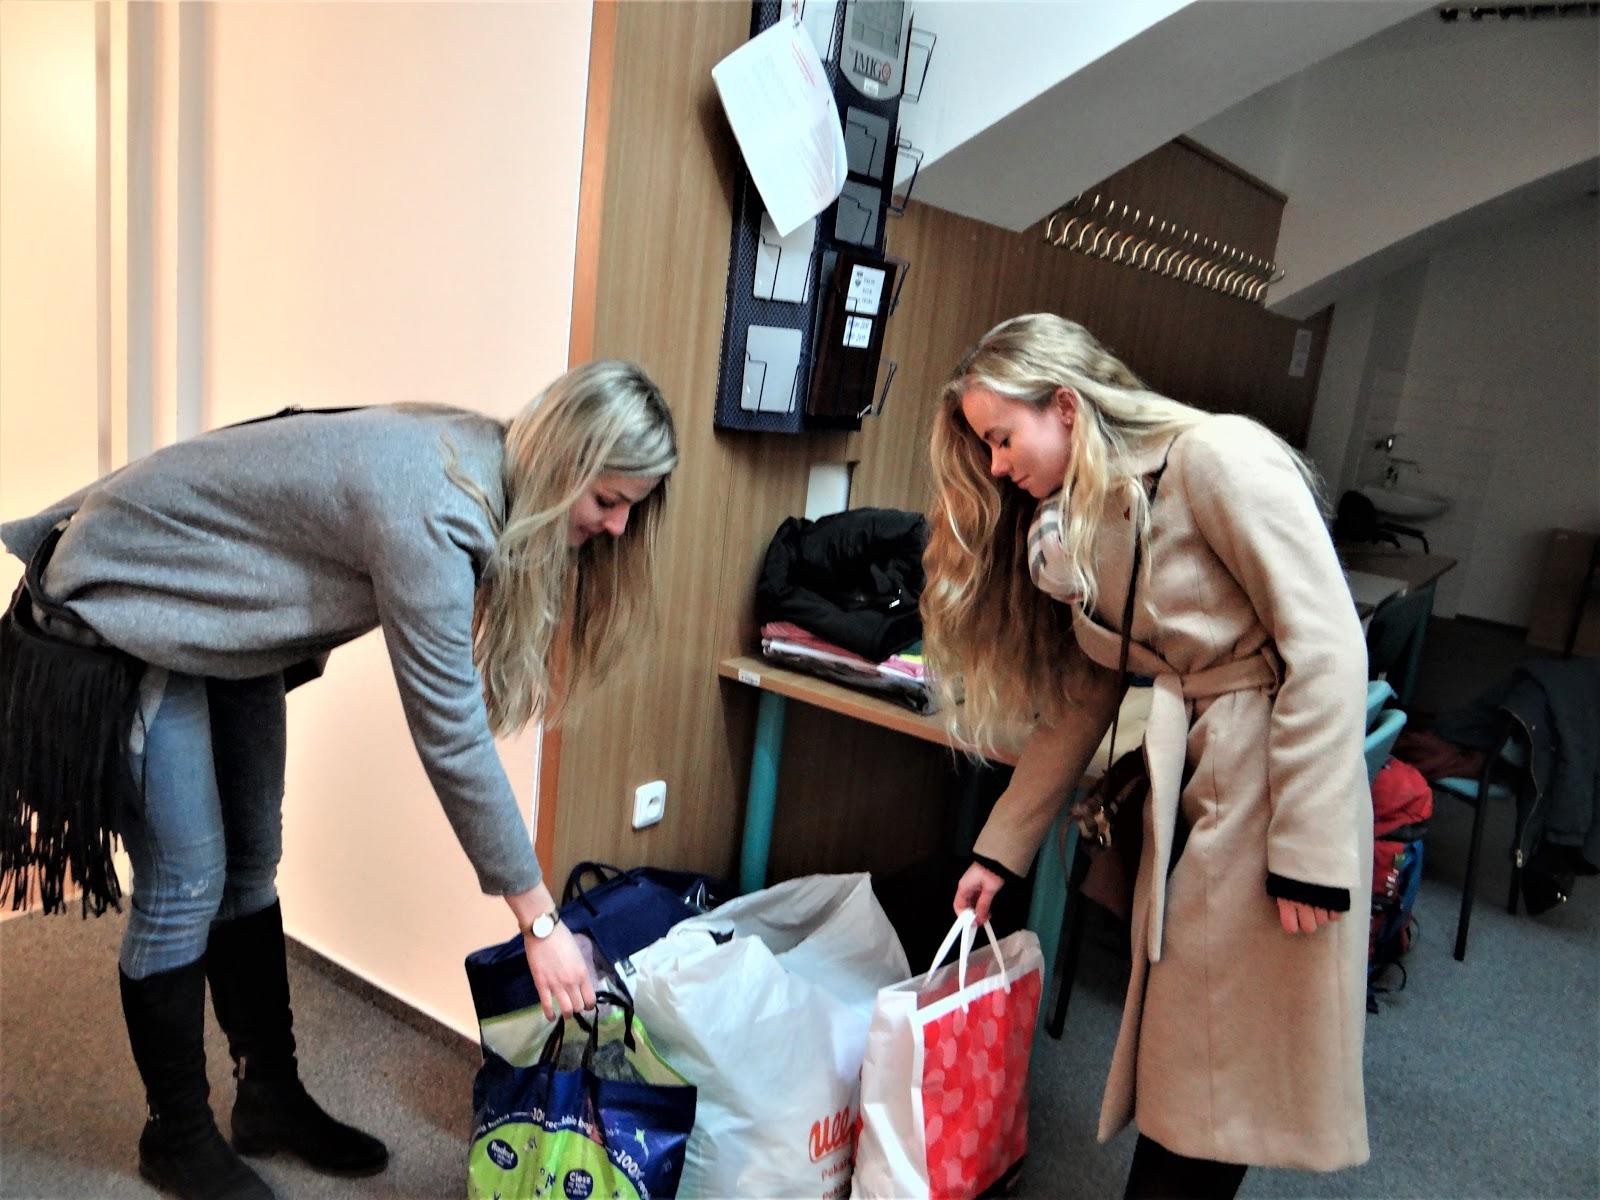 Studentky darovaly své oblečení. Autor: Michaela Jagusztynová